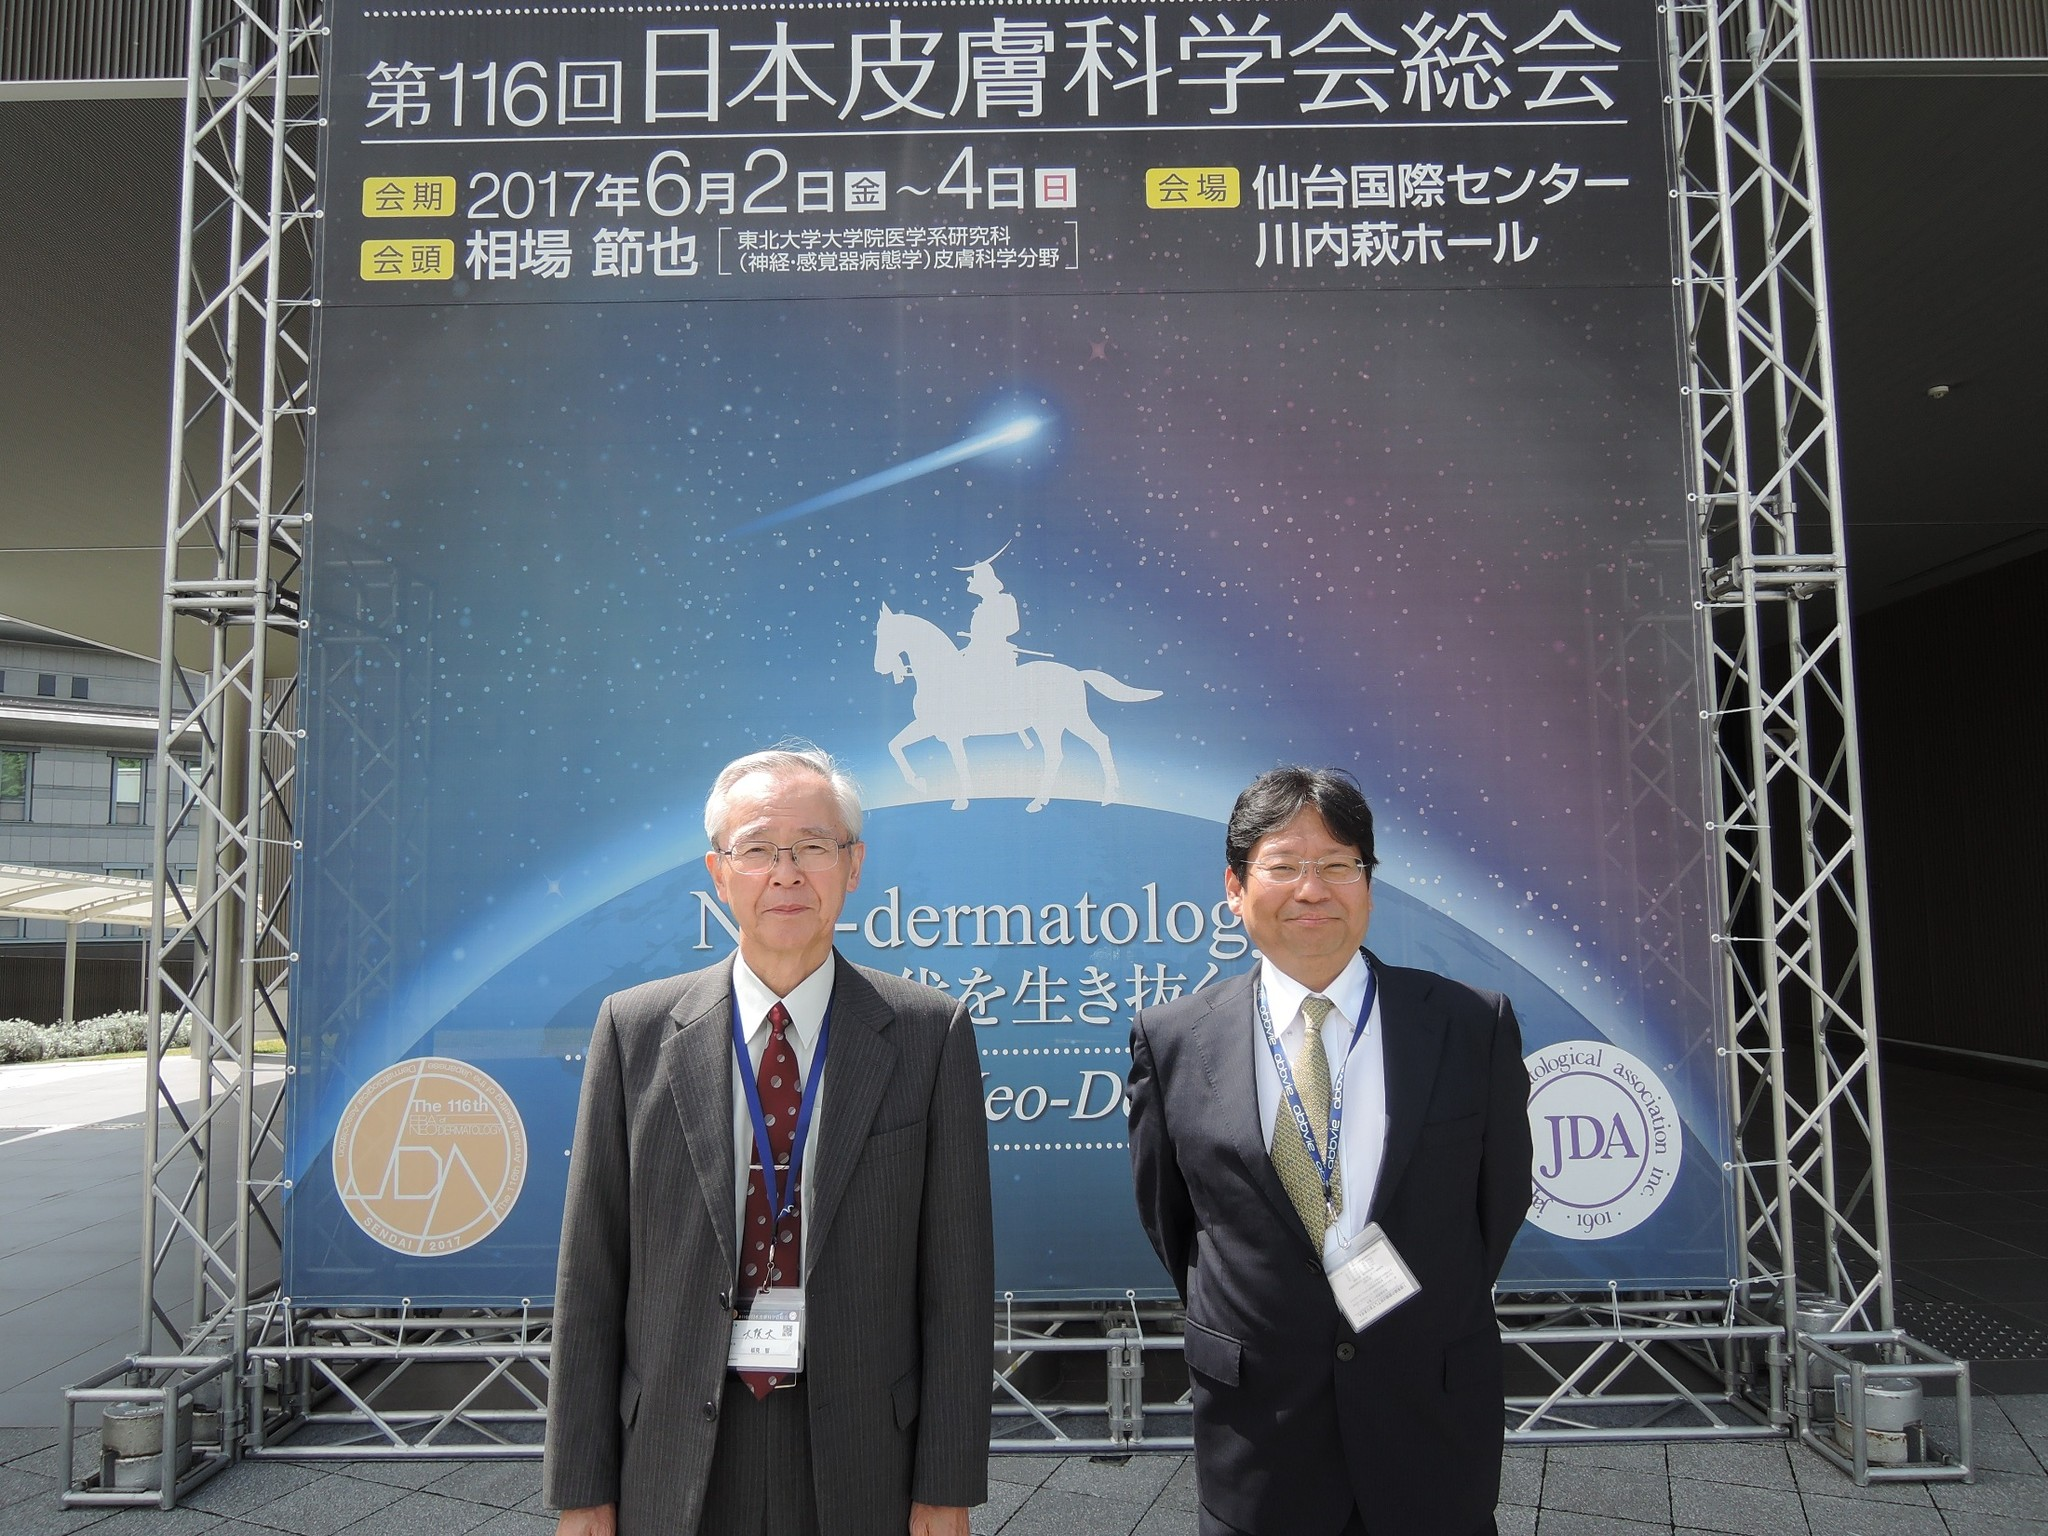 ガイドライン 科学 会 日本 皮膚 「日本皮膚科学会」の「脱毛症診療ガイドライン」が勧めるAGA対策